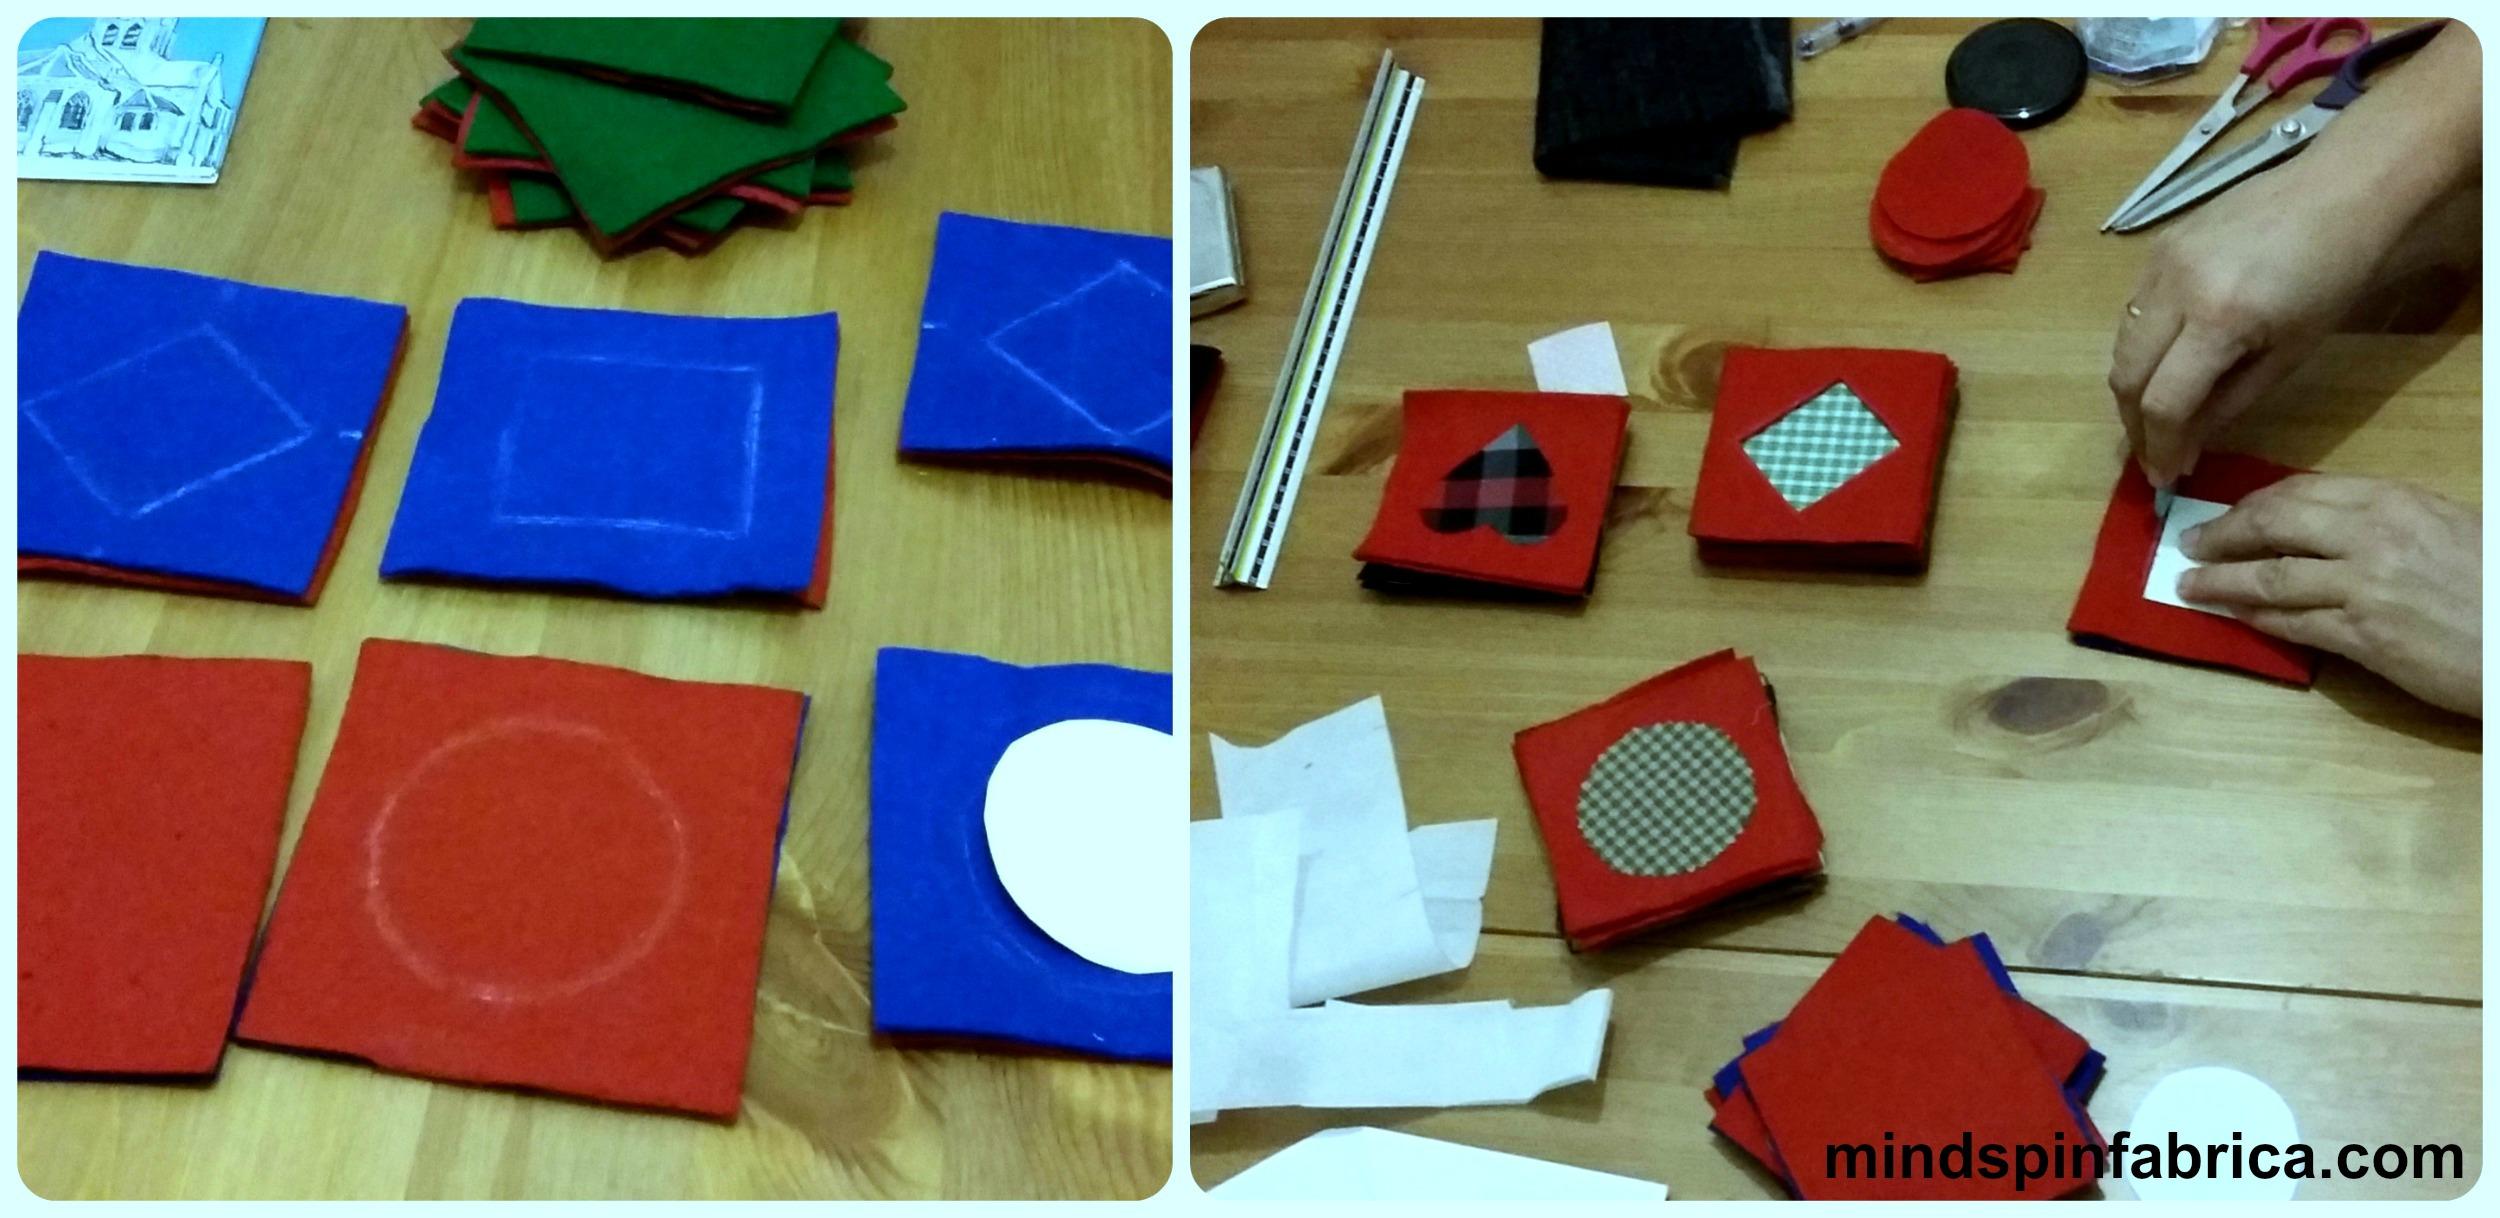 Σχεδίασα με σαπουνάκι γεωμετρικά σχέδια και καρδιές. Διαφορετικά σε κάθε εξάδα για ποικιλία!